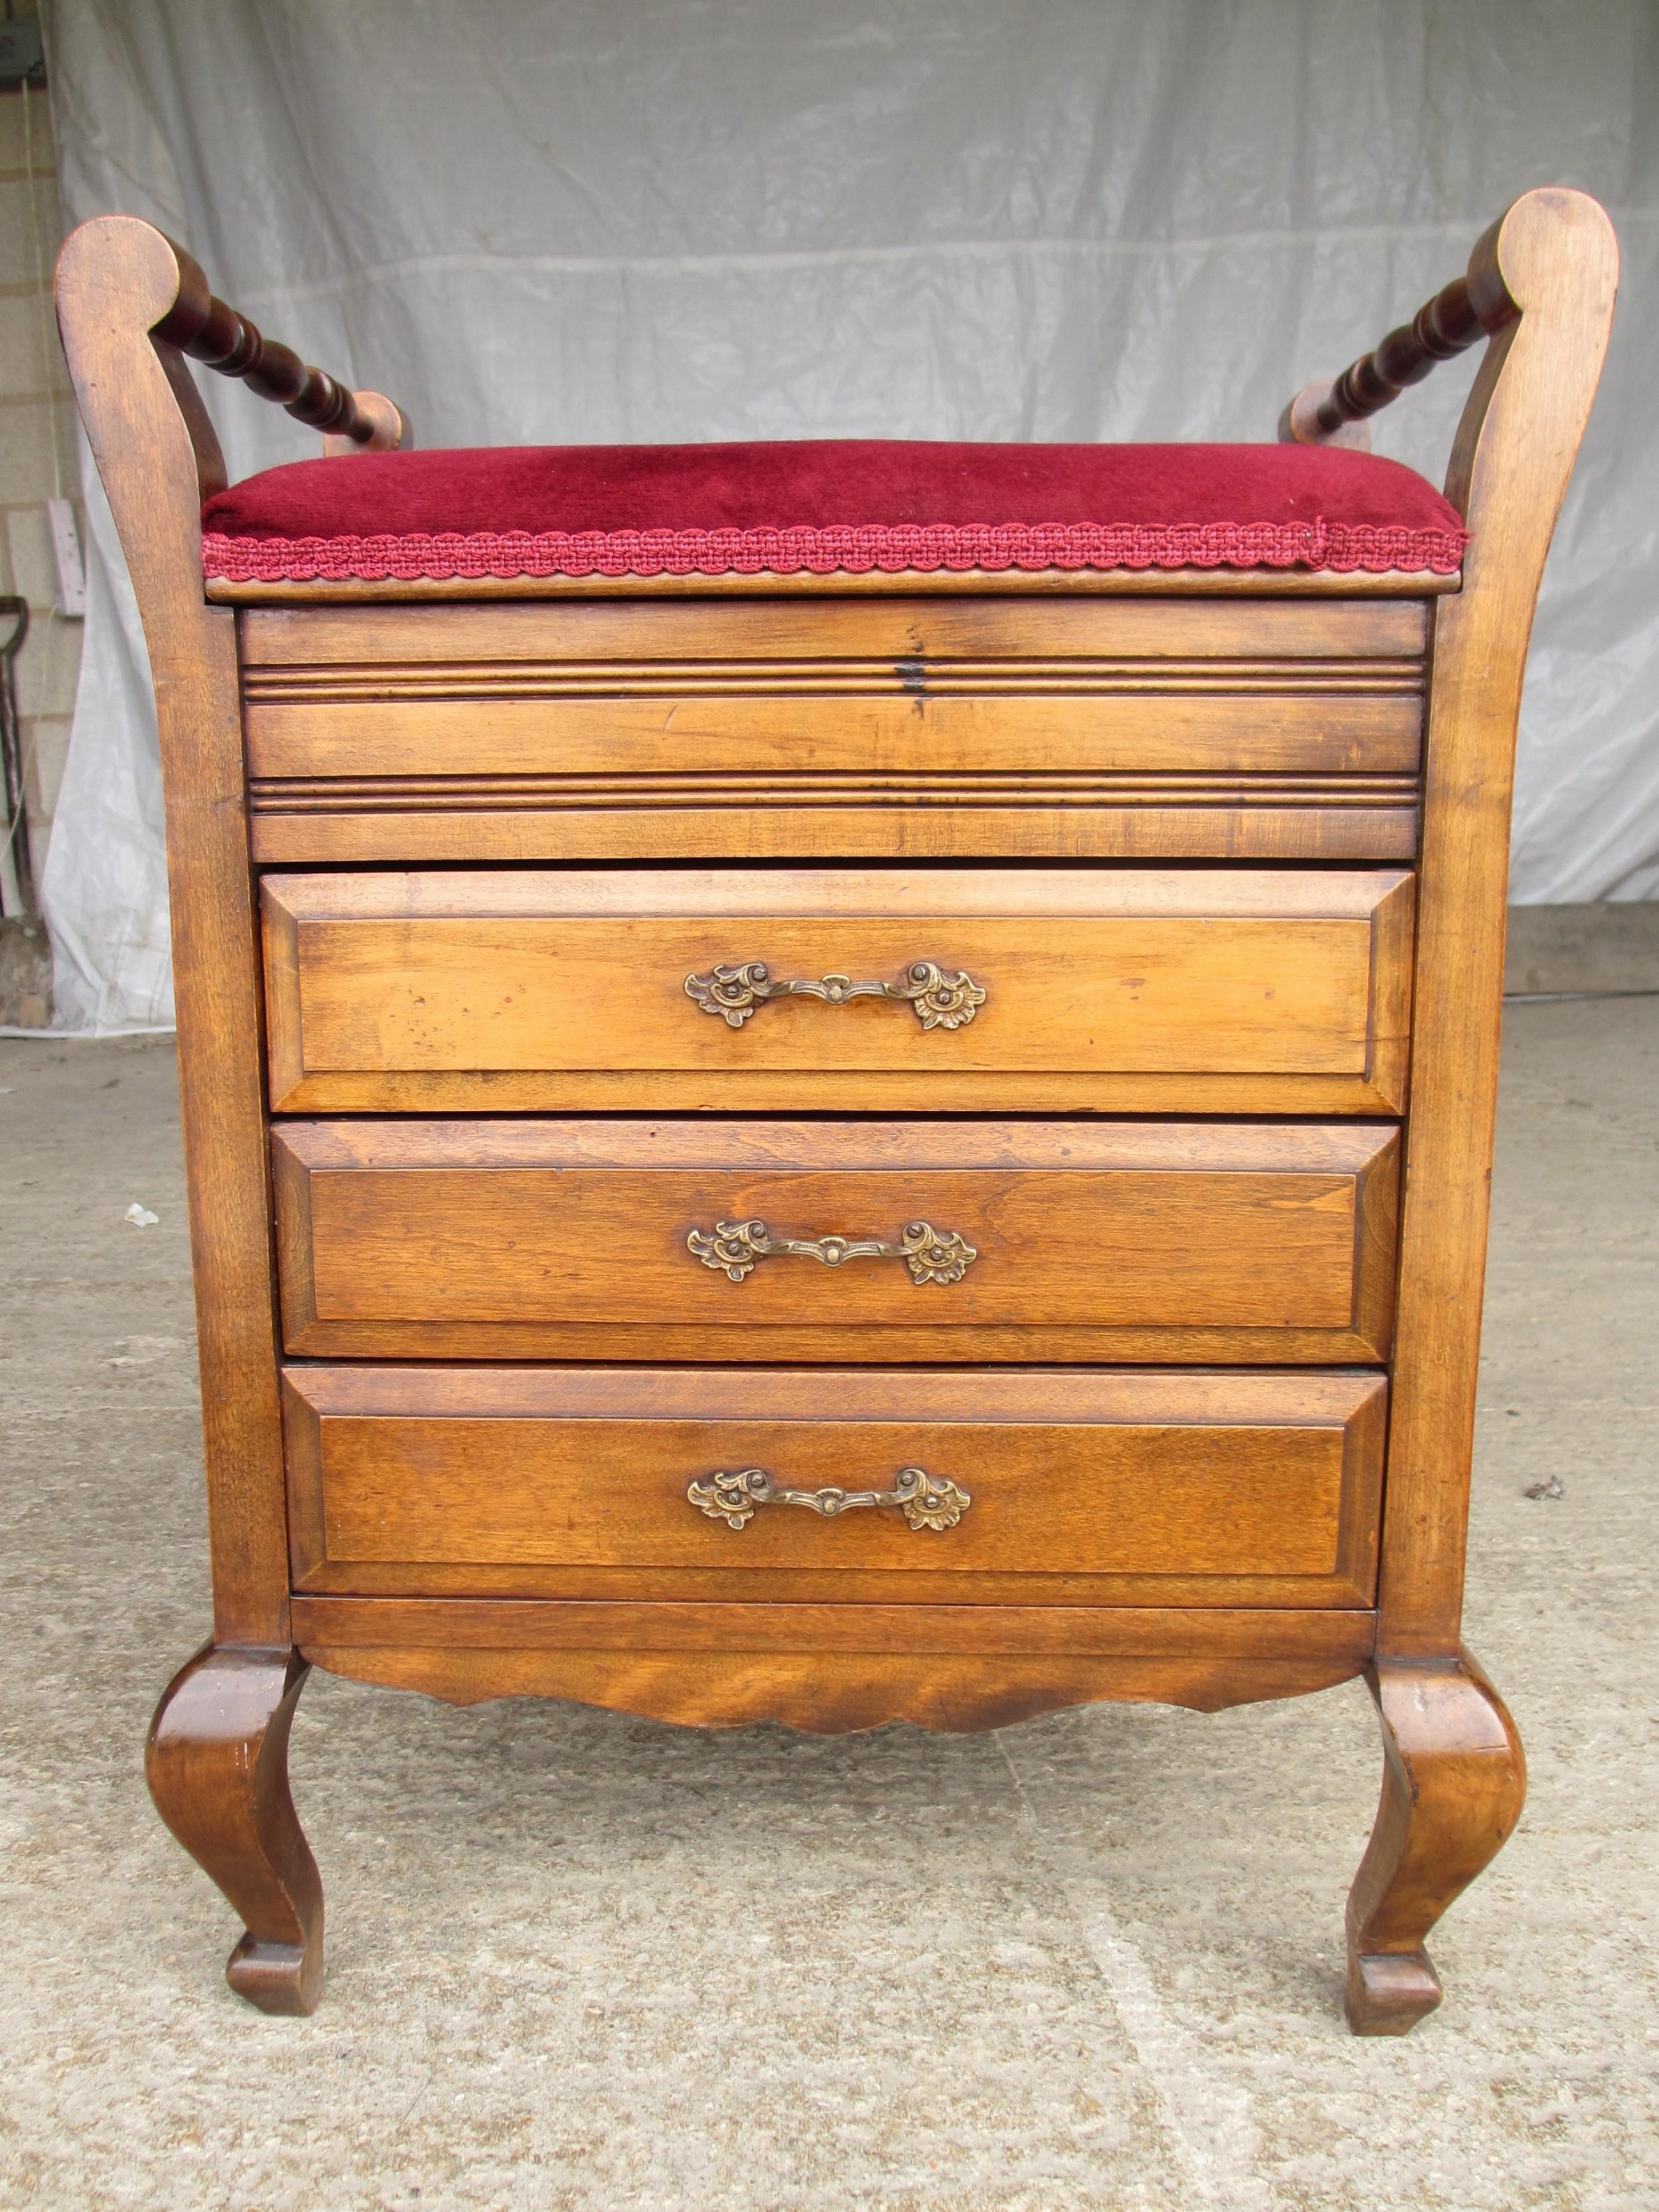 edwardian mahogany music stool with upholstered lift up seat